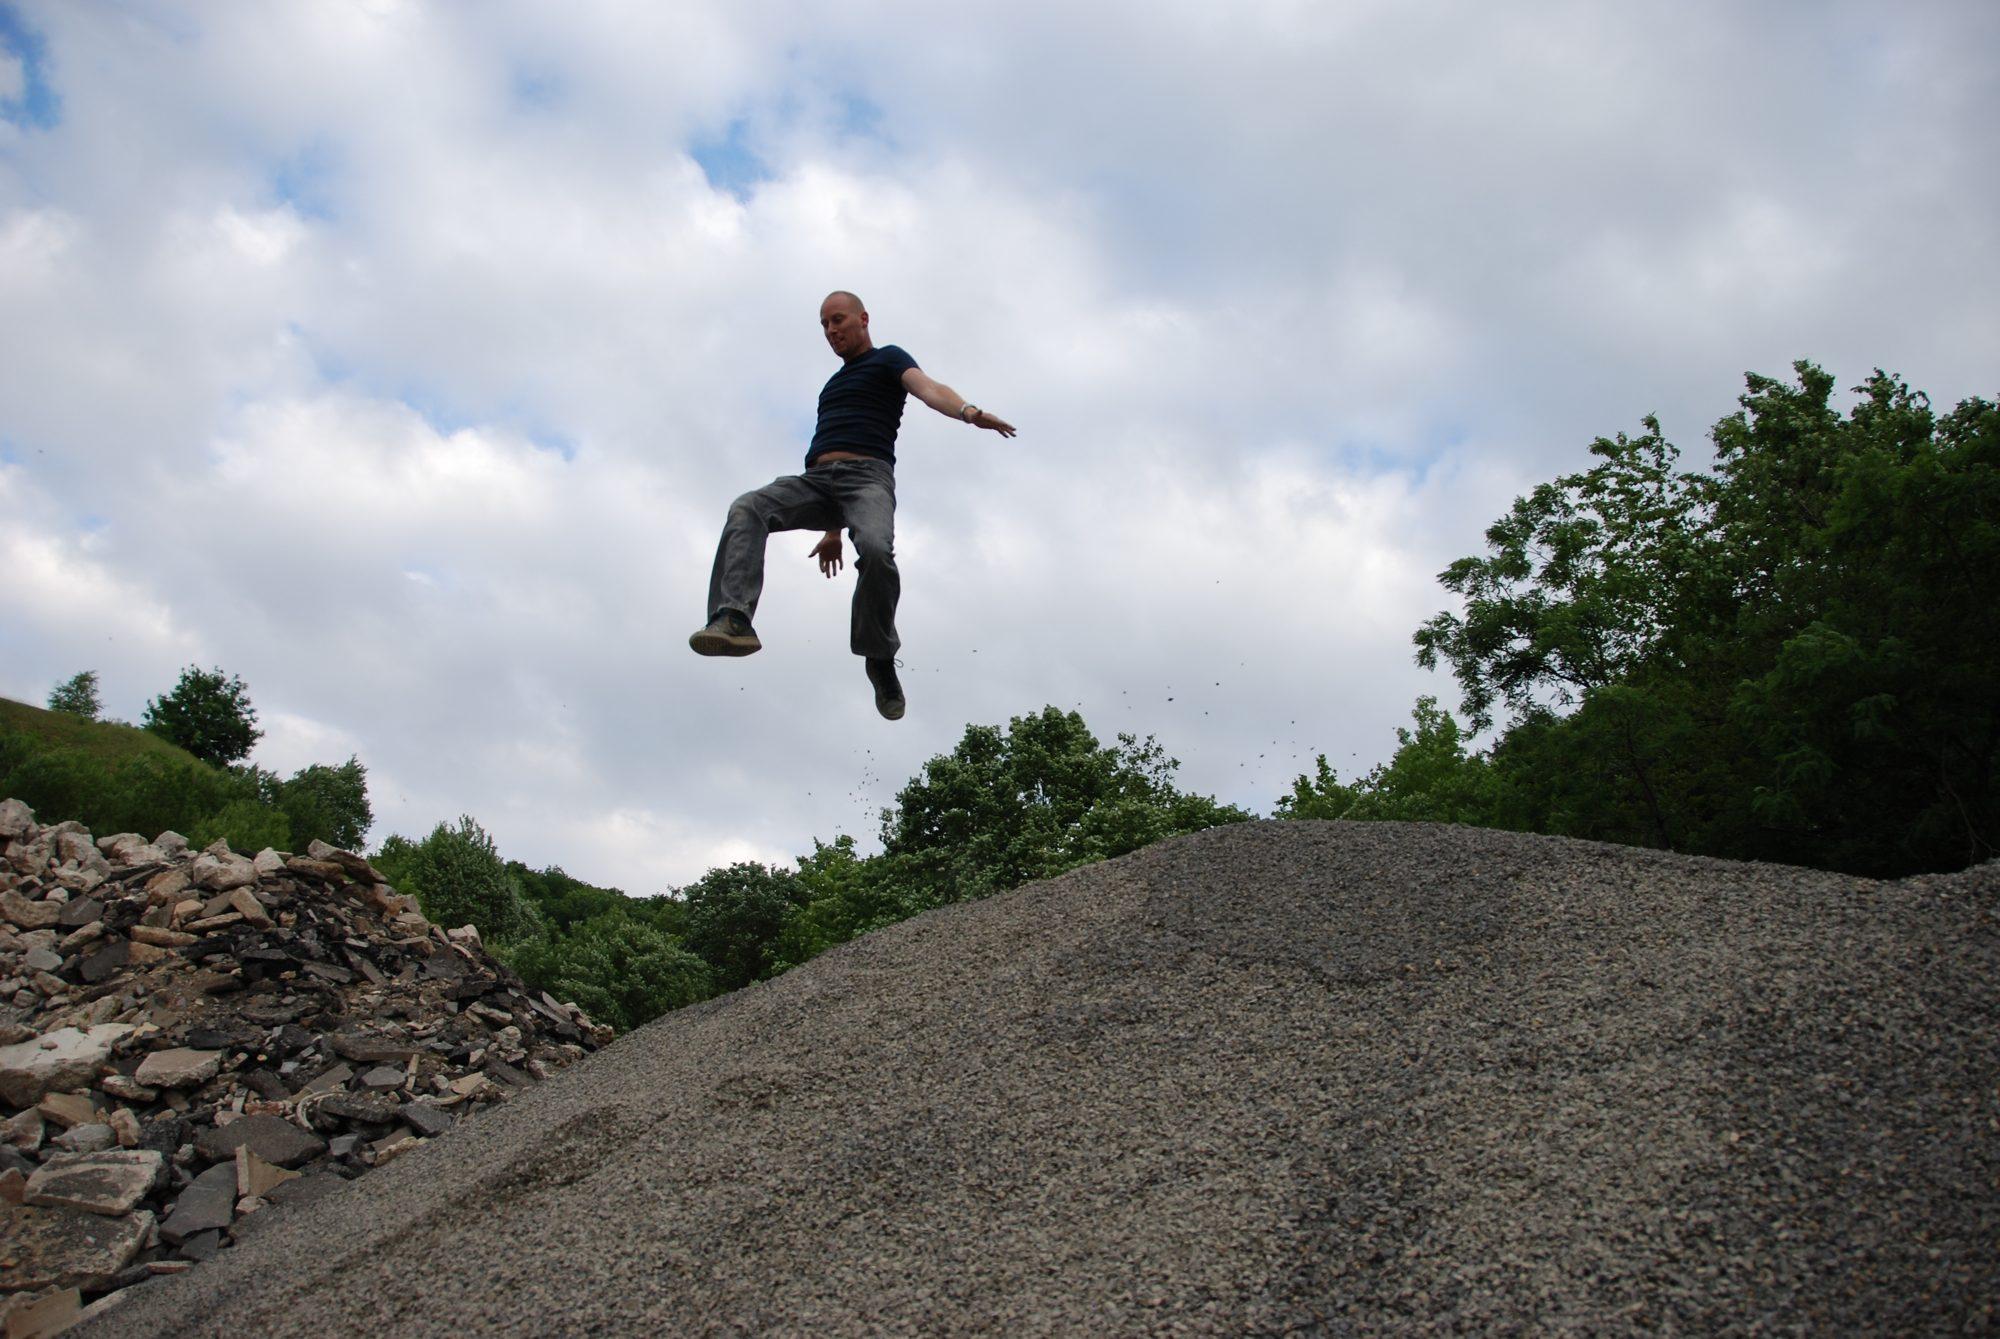 Juni 2008 - Nach den Testdrehs im Steinbruch von Berlichingen. Sebi im Anflug!